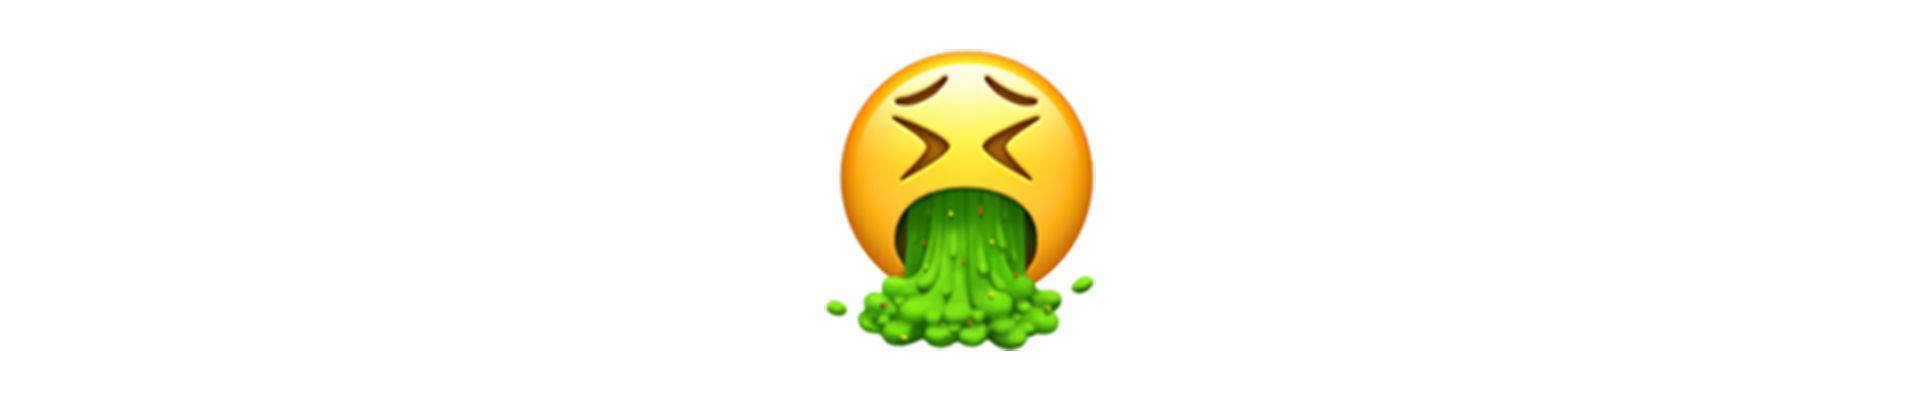 Políticos en el Recreo - José Luis Espert - Respuesta Emoji